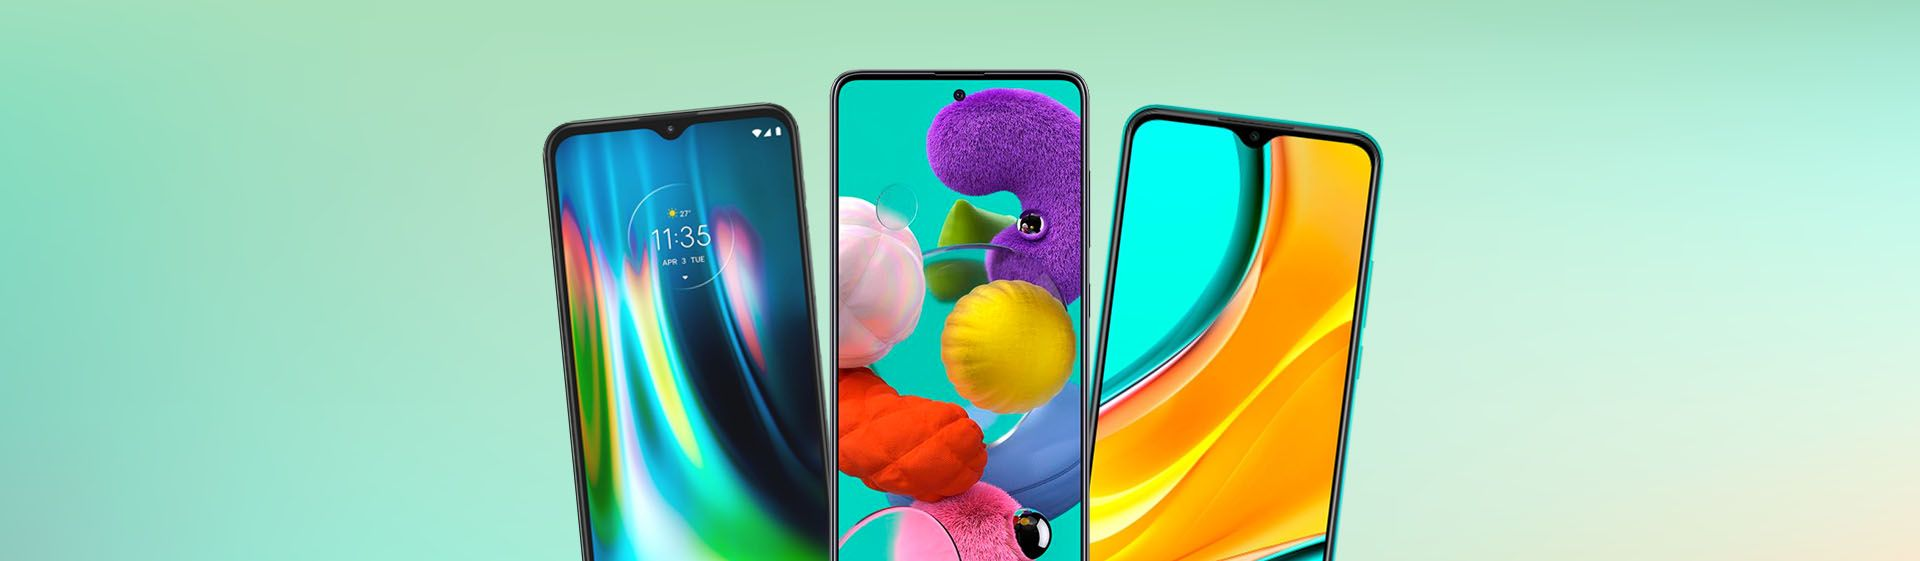 Celular intermediário: os melhores aparelhos para comprar em 2021